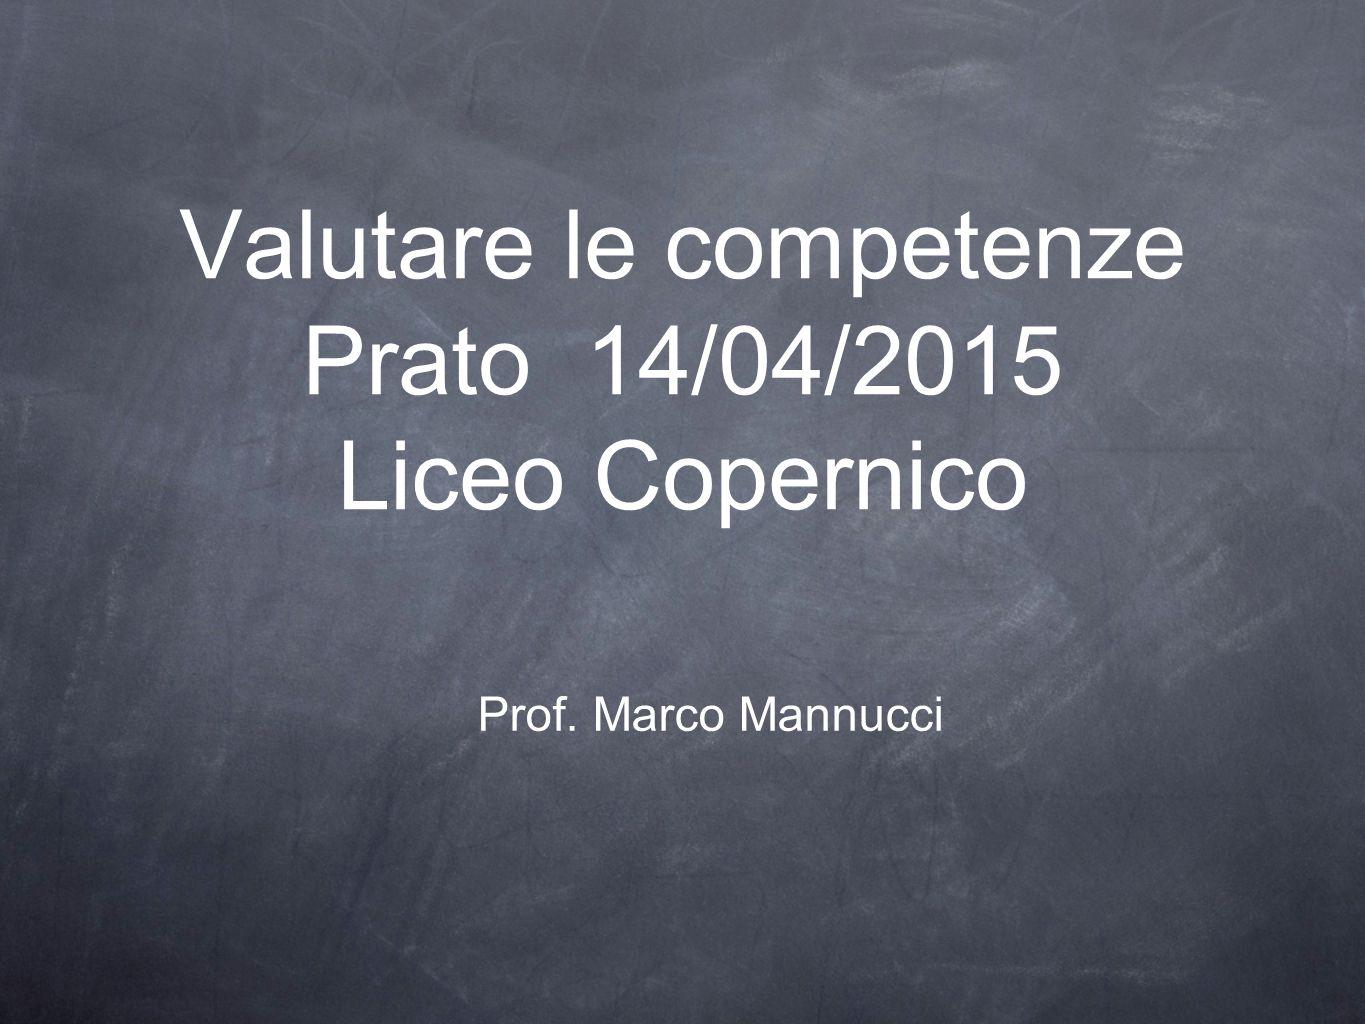 Valutare le competenze Prato 14/04/2015 Liceo Copernico